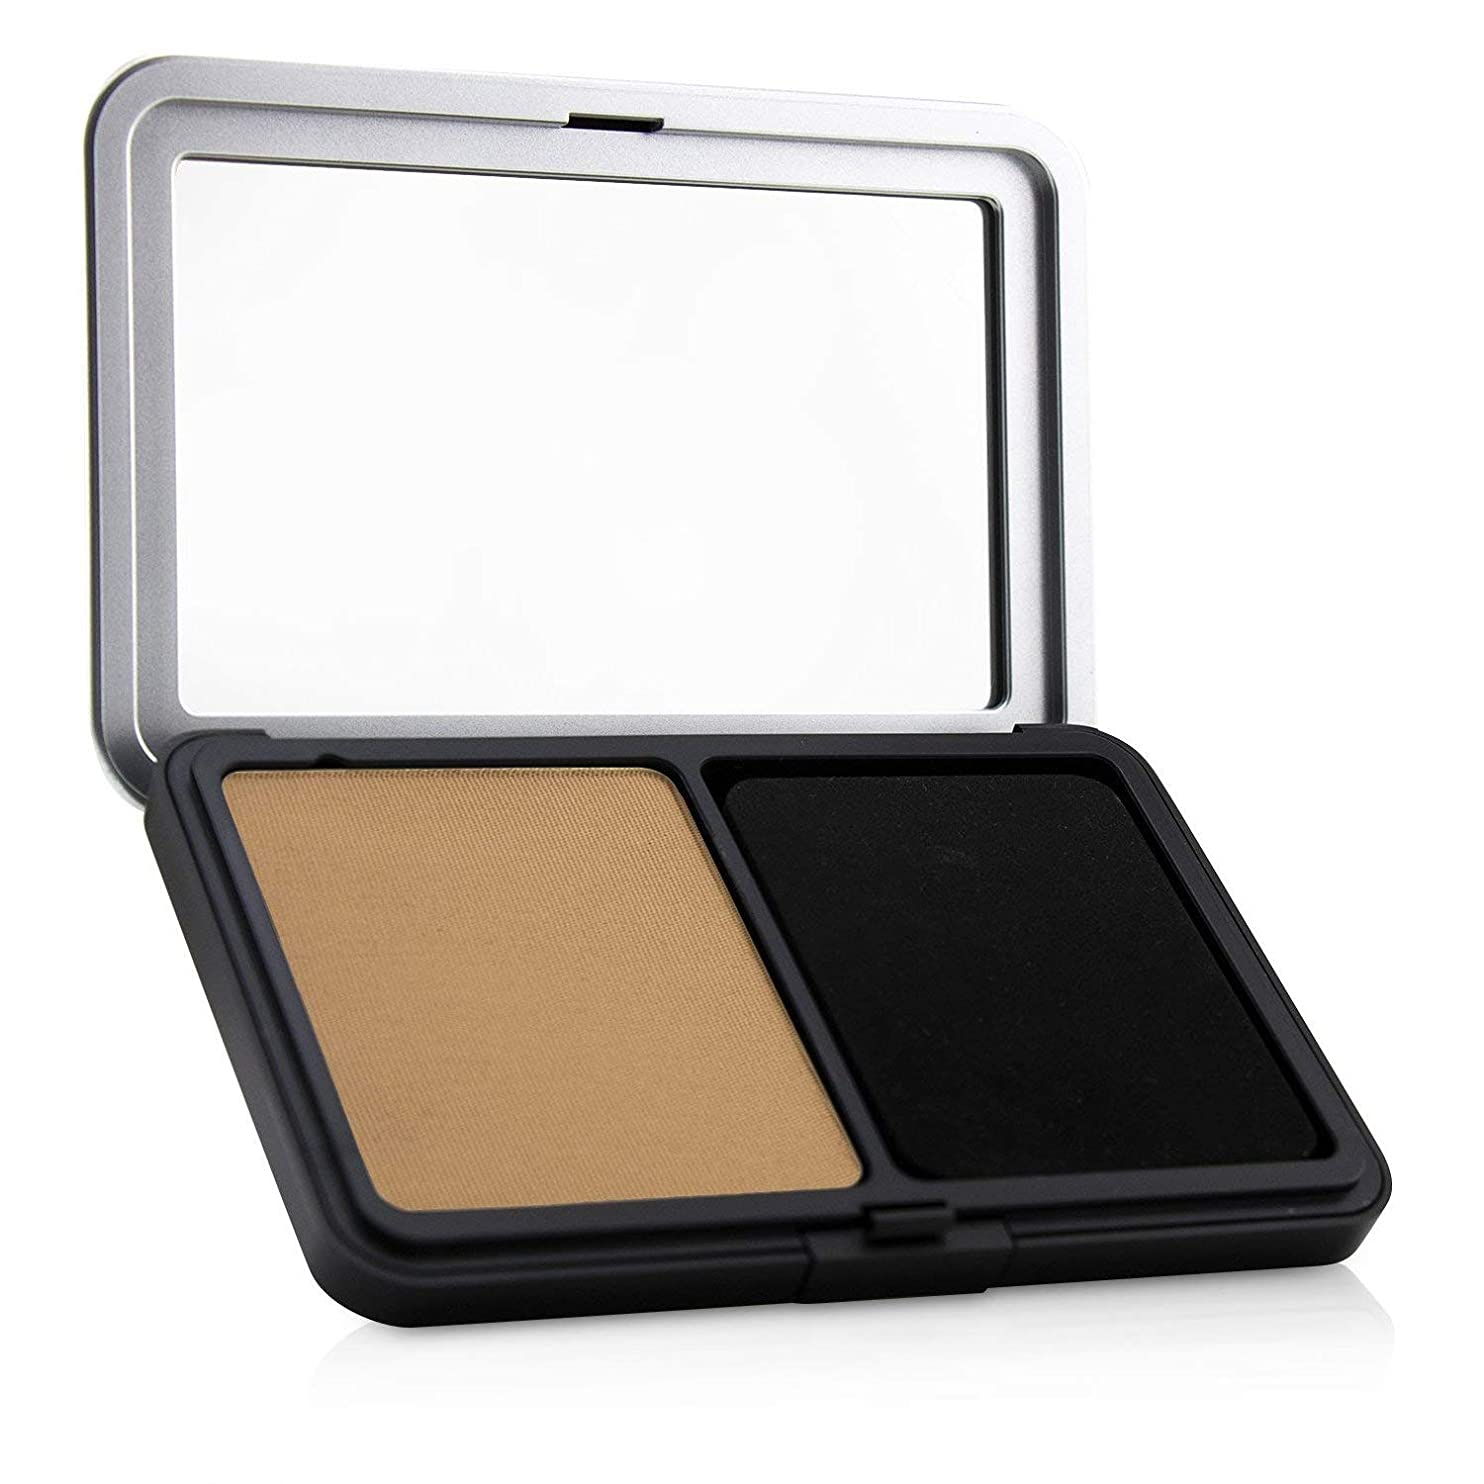 明らかに上へ一握りメイクアップフォーエバー Matte Velvet Skin Blurring Powder Foundation - # R370 (Medium Beige) 11g/0.38oz並行輸入品